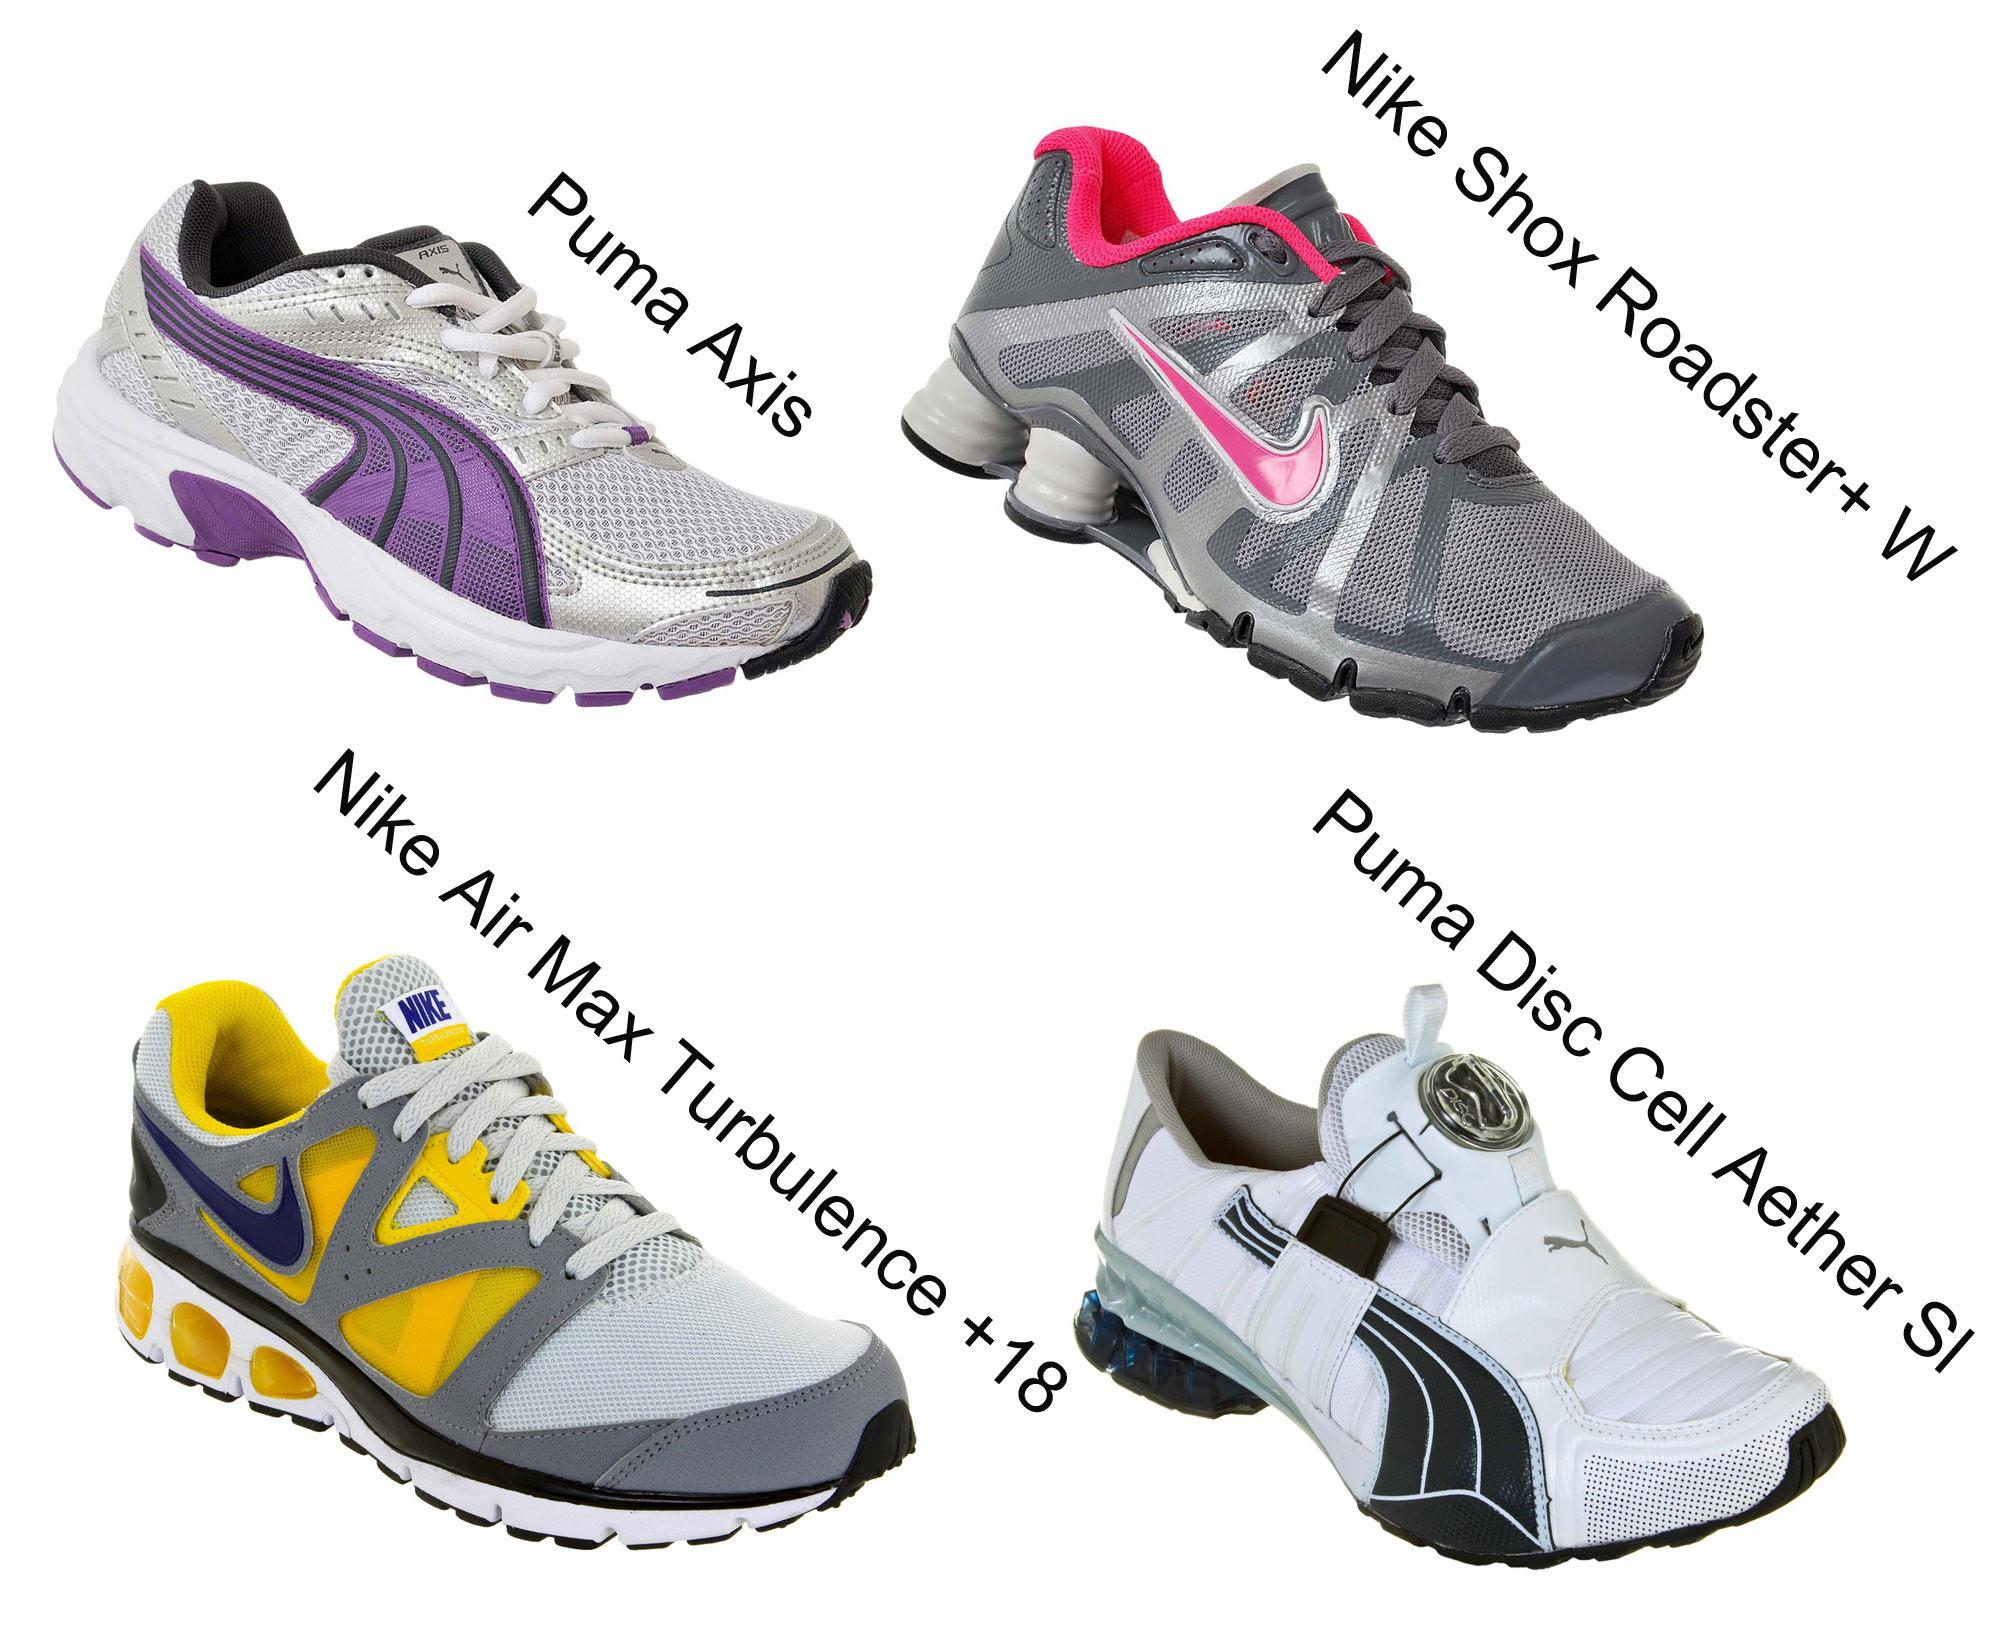 Arquivos Puma - World Tennis - Tênis 8afe90c5cf0c5